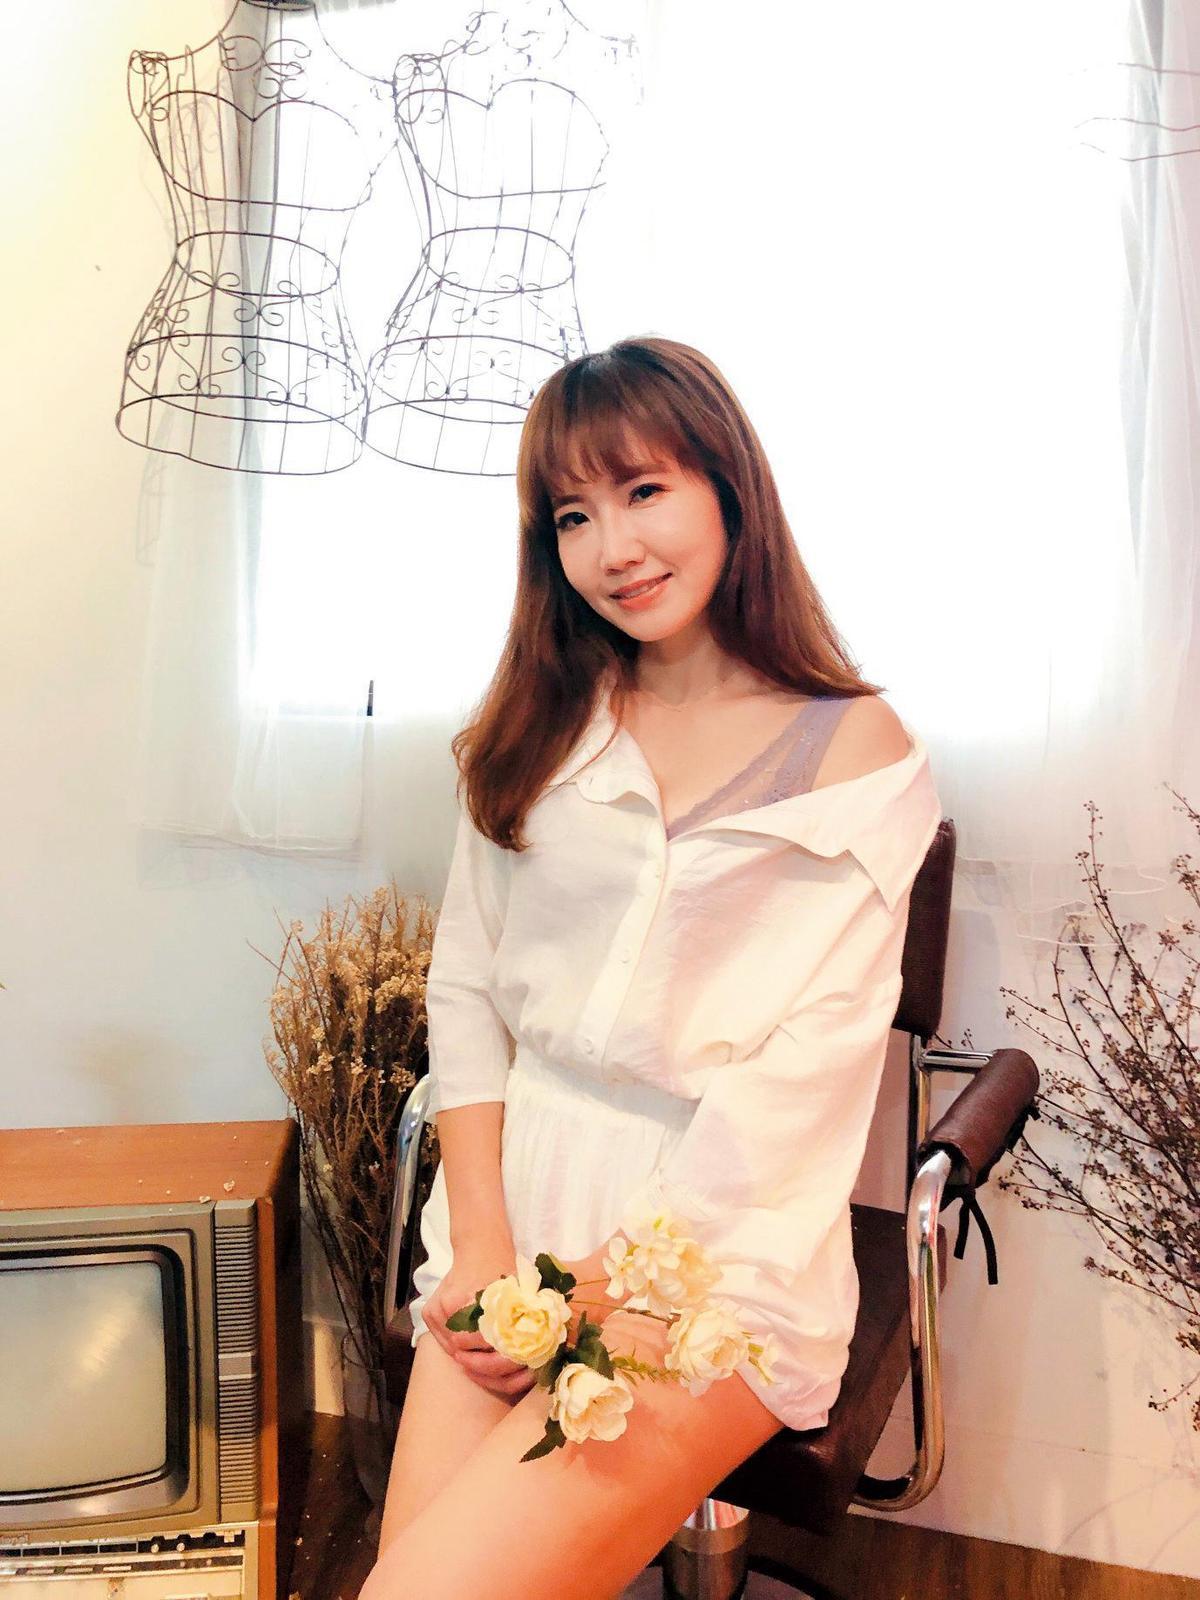 謝忻在台北車站送便當給街友被民眾看到,讓她嚇一跳。(截圖自謝忻臉書)